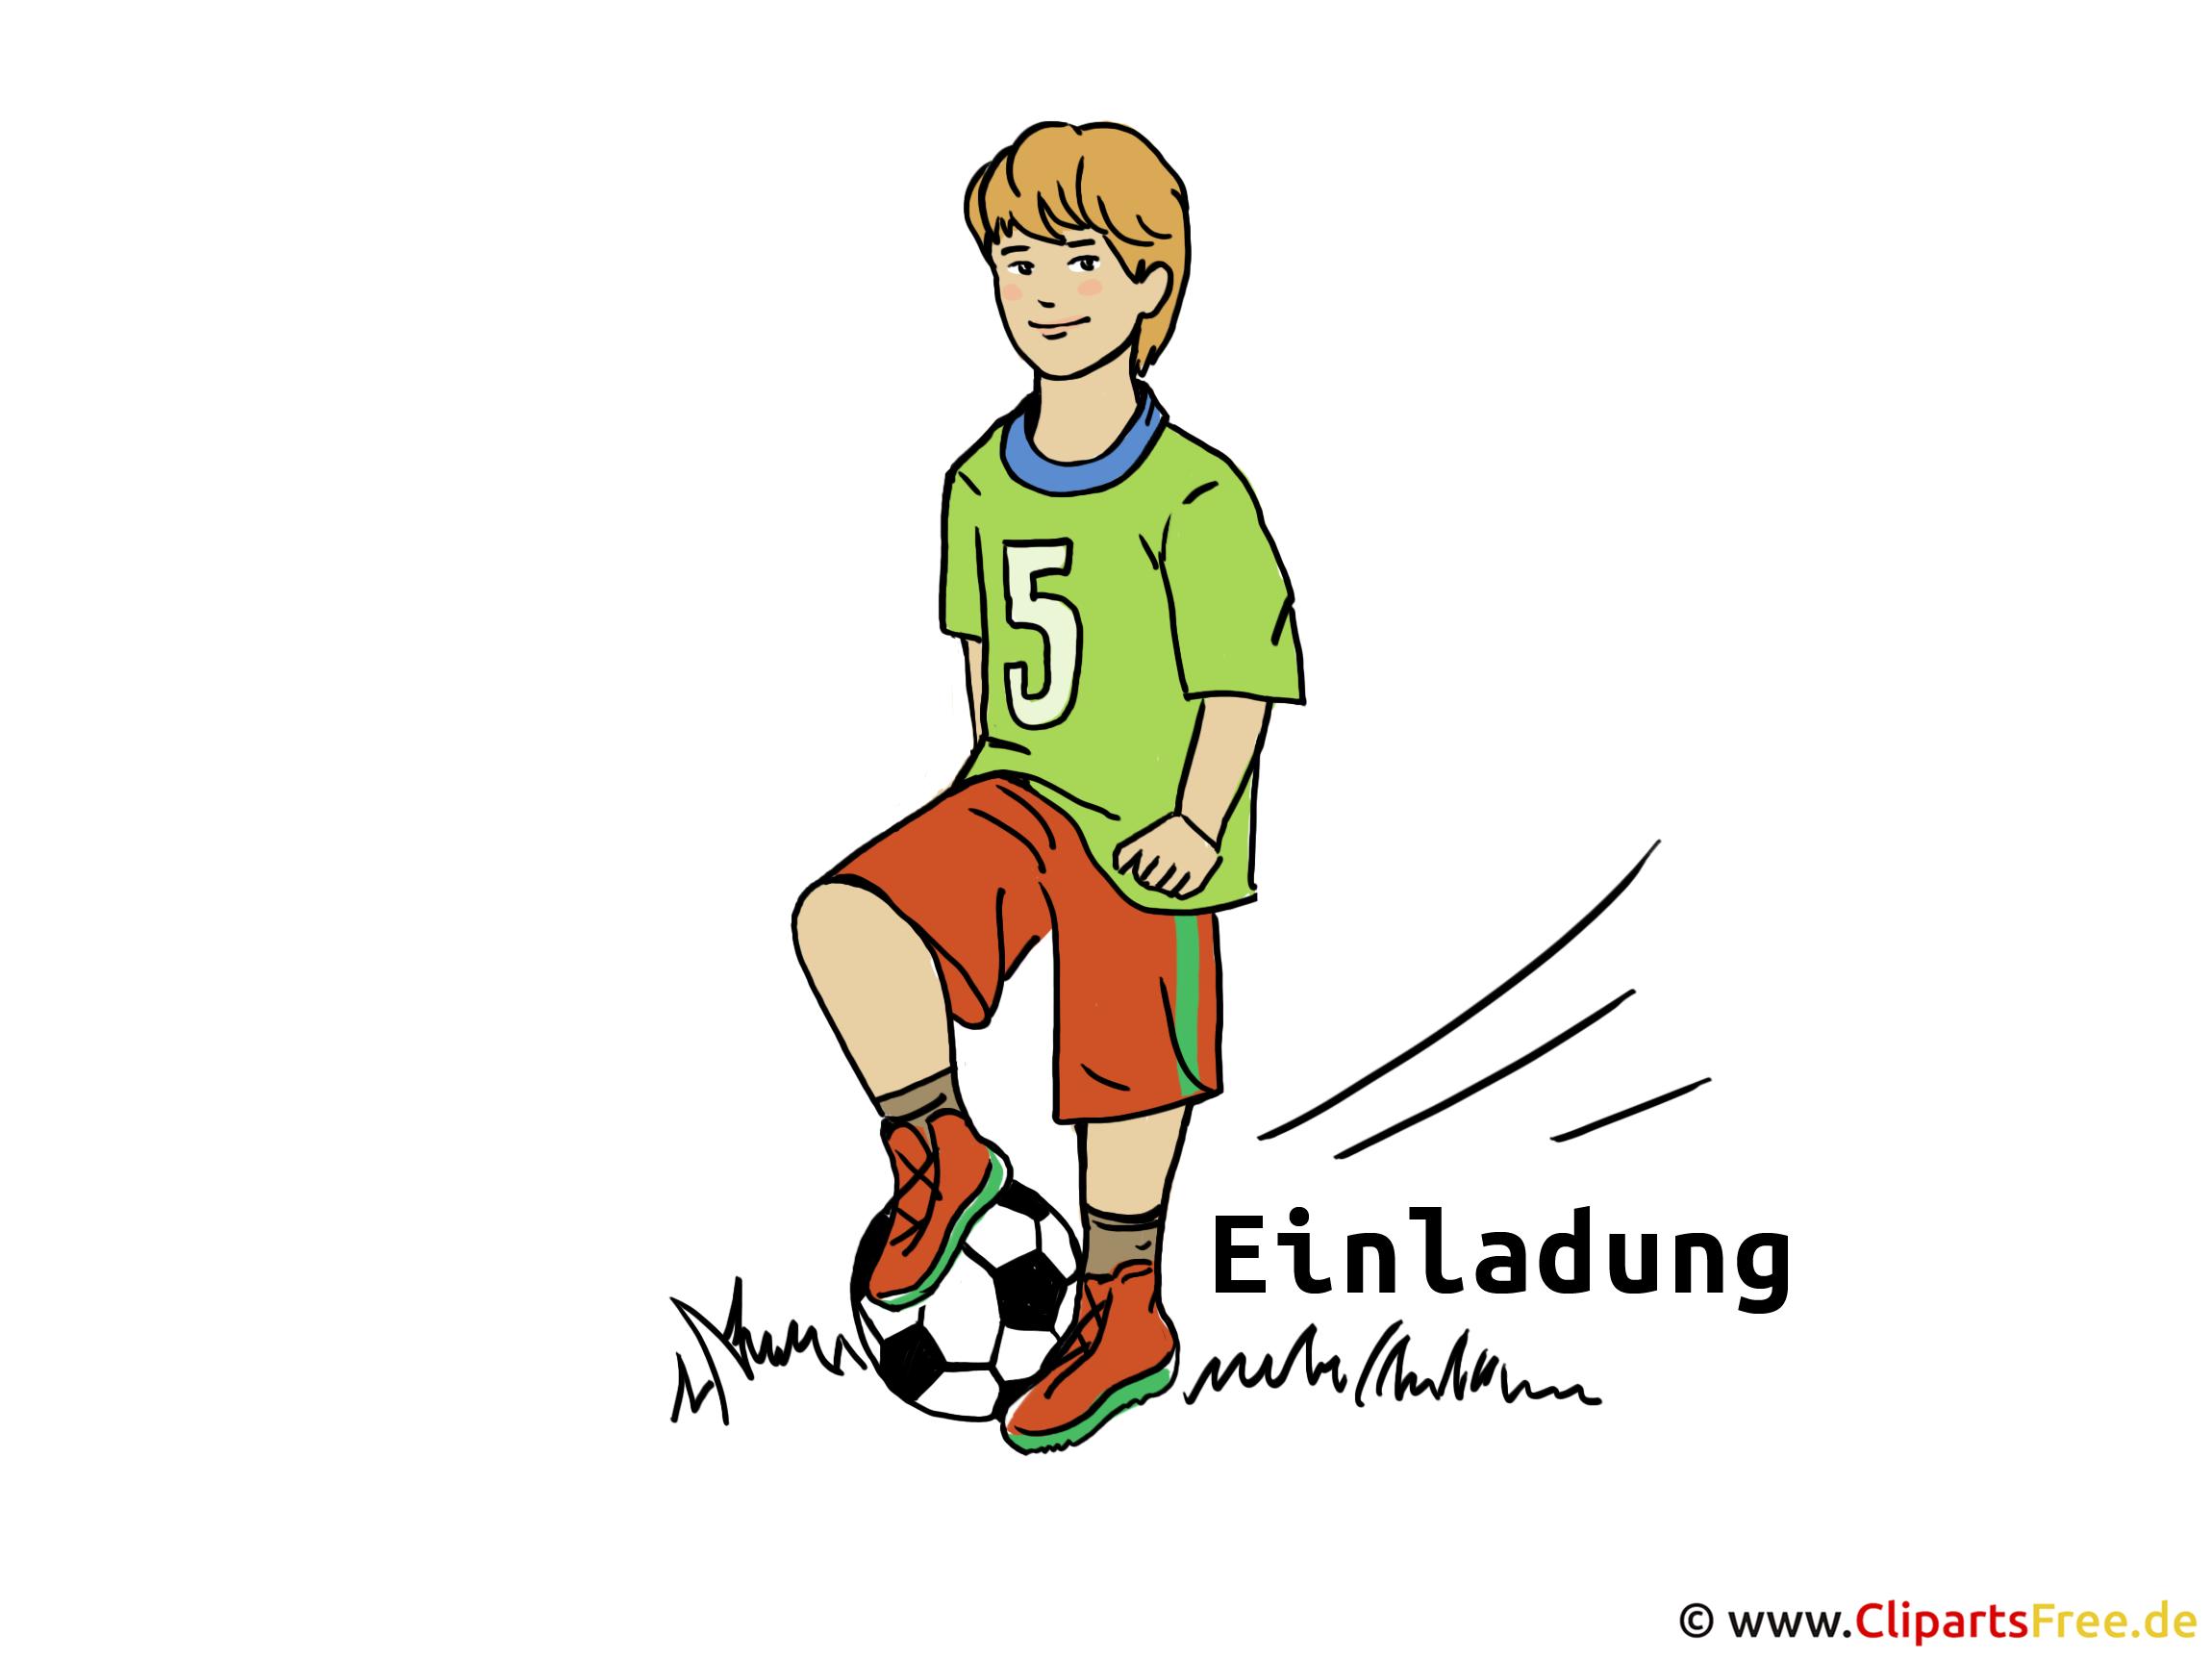 Einladung Fussballspiel